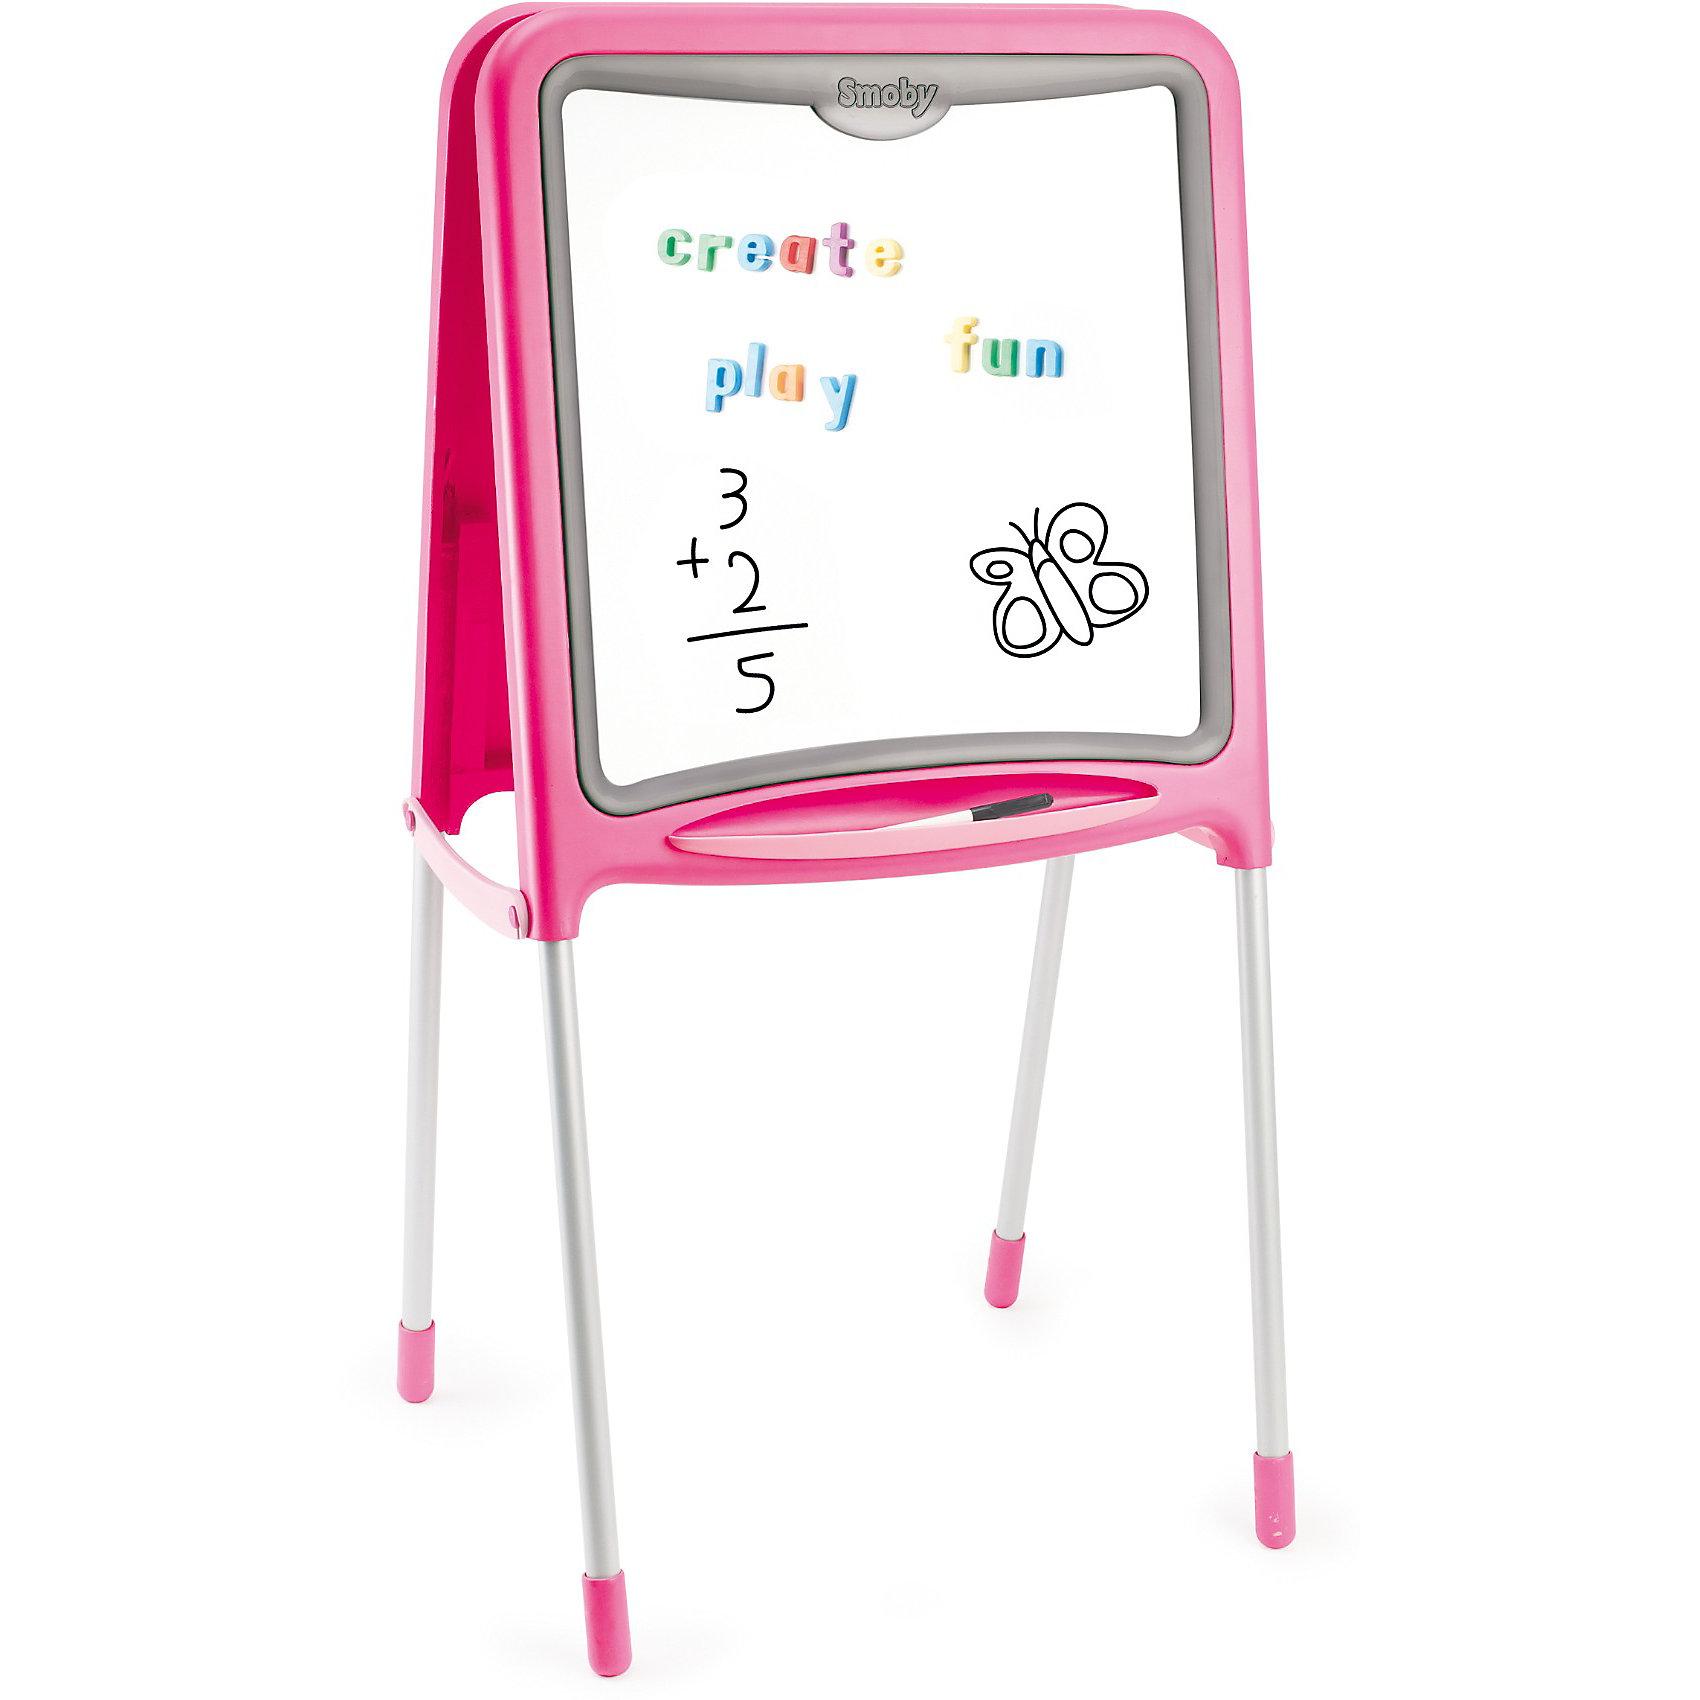 Двухсторонний складывающийся мольберт, розовый, SmobyХарактеристики:<br><br>• аксессуары: 59 предметов, знаки, цифры, буквы английского алфавита, цветные мелки, маркер;<br>• материал: металл, пластик;<br>• размер мольберта: 52х48х105 см;<br>• размер упаковки: 61х55х11 см;<br>• вес: 4,8 кг.<br><br>Мольберт для рисования имеет две стороны, черную и белую, для рисования и крепления магнитиков. Входящие в комплект цифры и знаки помогают освоить счет, фигурки крепятся с помощью магнитиков. Рисовать можно мелками (на черной поверхности), стирая художества специальной губкой. Маркер хорошо рисует на белой стороне мольберта. <br><br>Мольберт Smoby оснащен подставкой для мелков и маркеров. В сложенном состоянии мольберт занимает мало места. <br><br>Двухсторонний складывающийся мольберт, розовый, Smoby можно купить в нашем магазине.<br><br>Ширина мм: 607<br>Глубина мм: 457<br>Высота мм: 441<br>Вес г: 5630<br>Возраст от месяцев: 36<br>Возраст до месяцев: 72<br>Пол: Женский<br>Возраст: Детский<br>SKU: 3725345